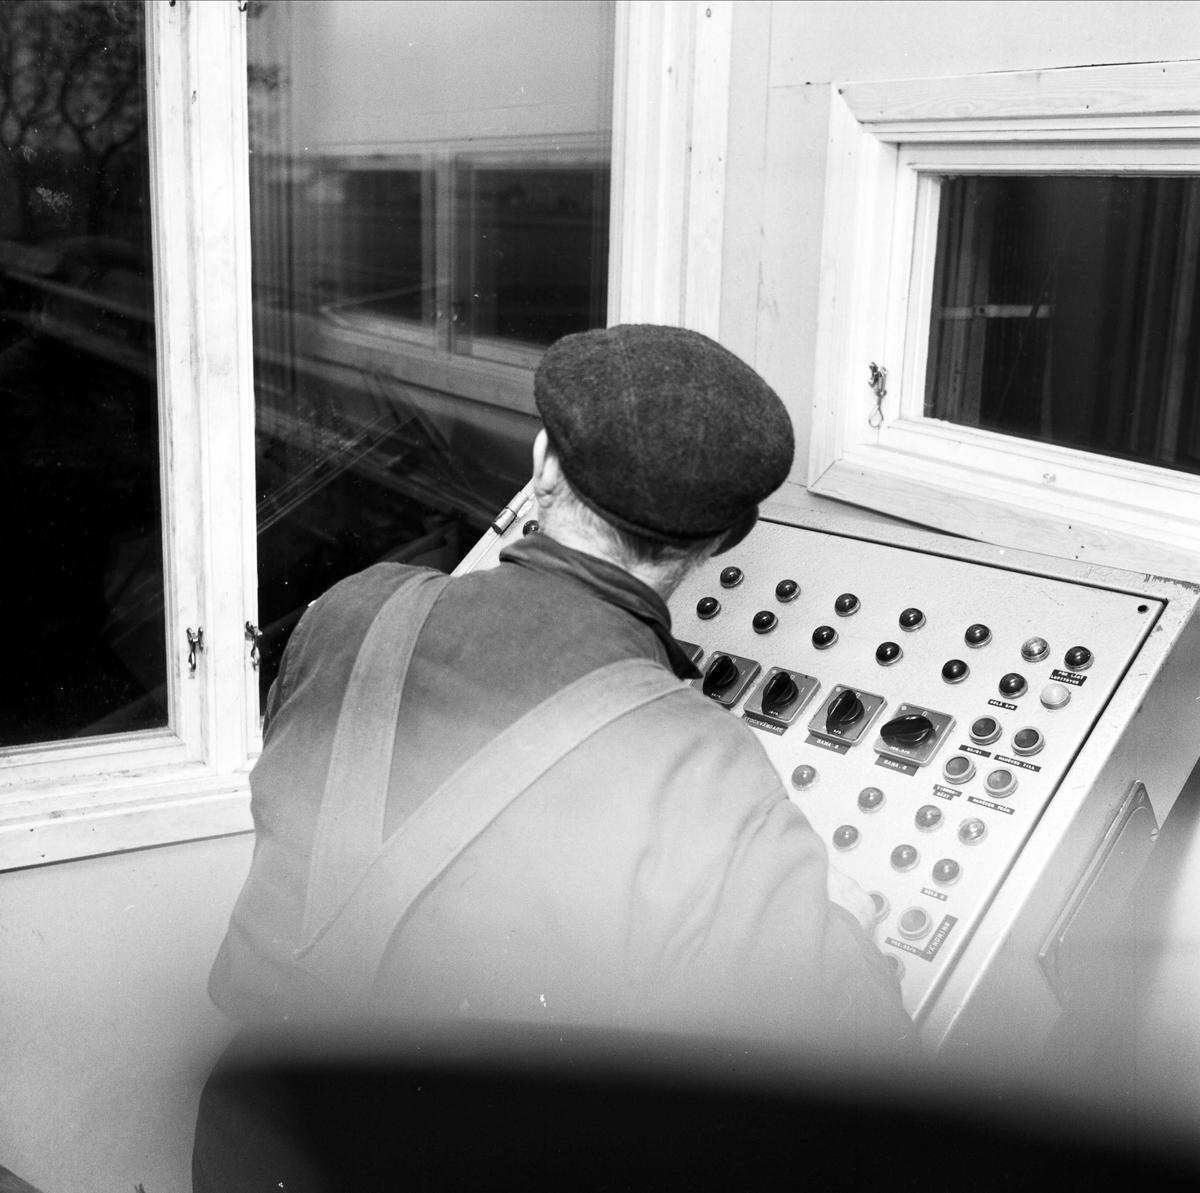 Arbetare vid manöverbord, Elinge såg, Österlövsta socken, Uppland 1967